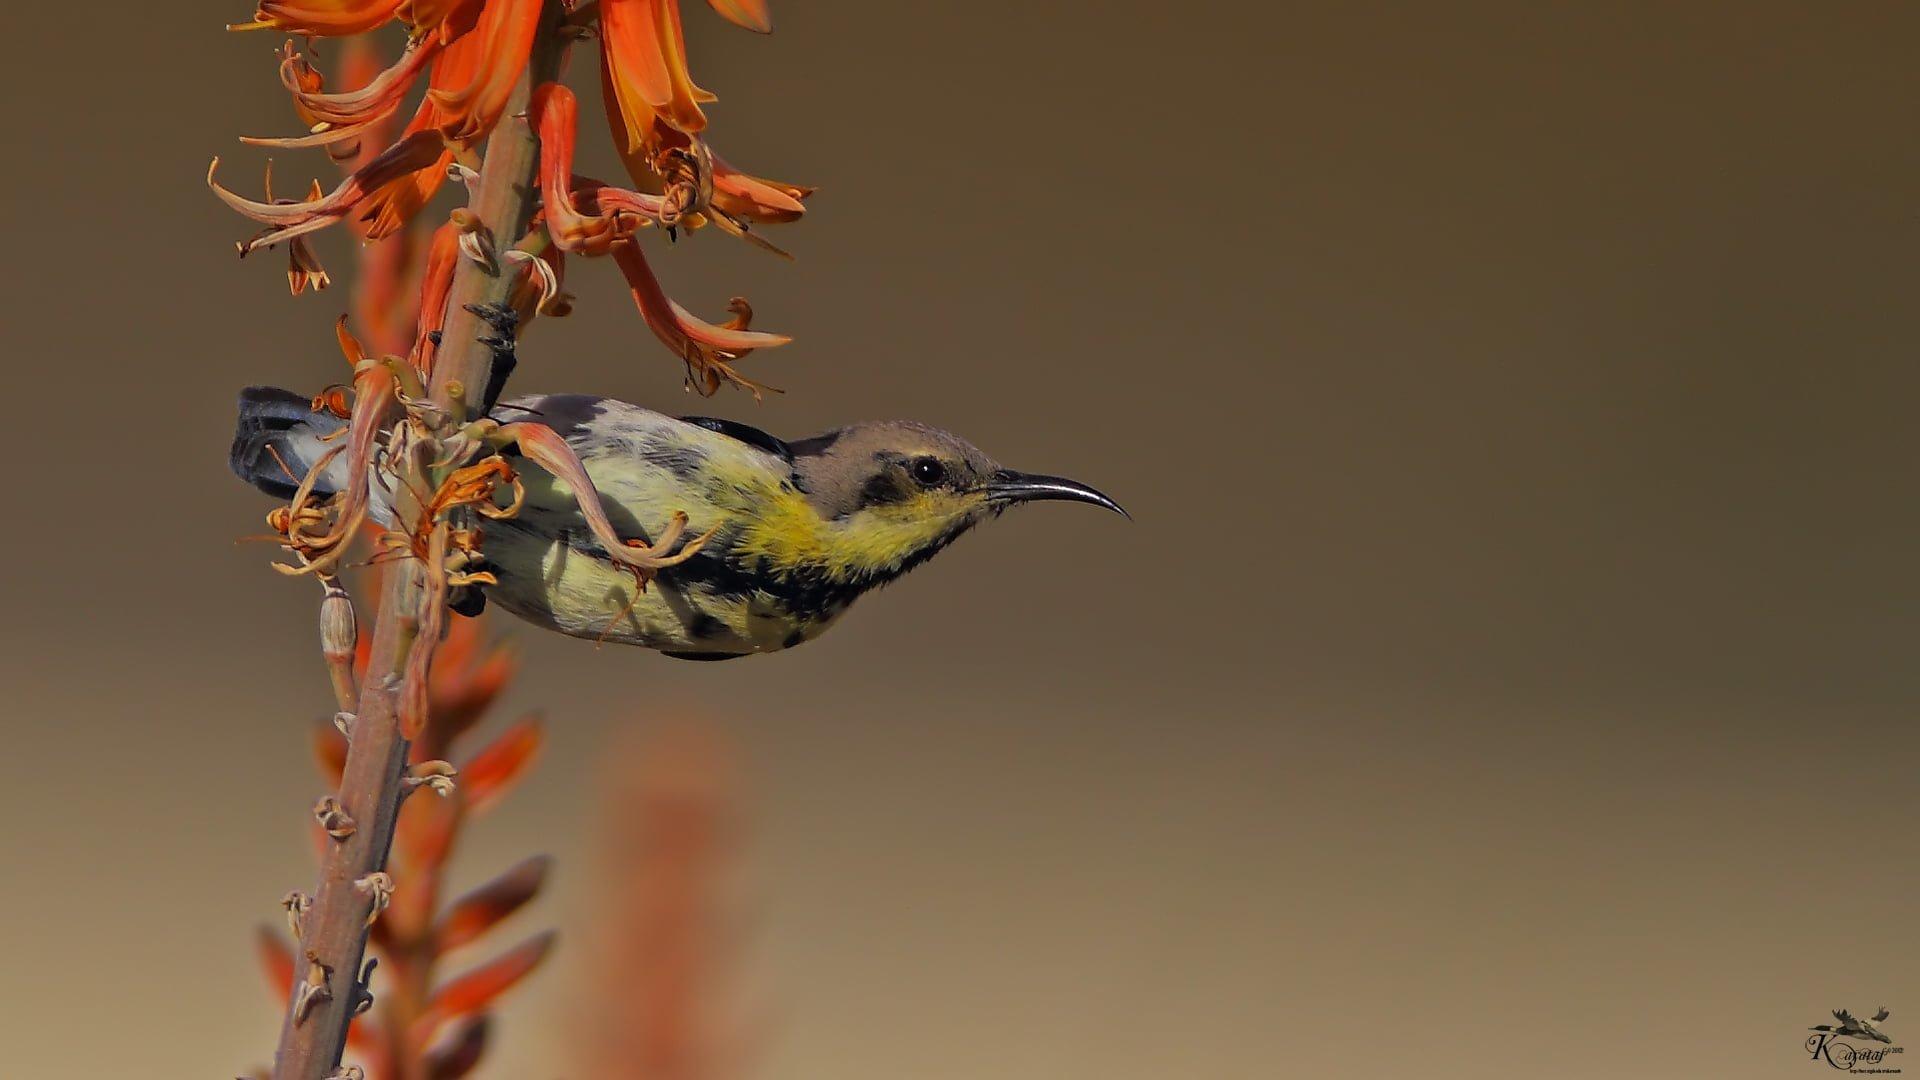 mor nektar kuşu